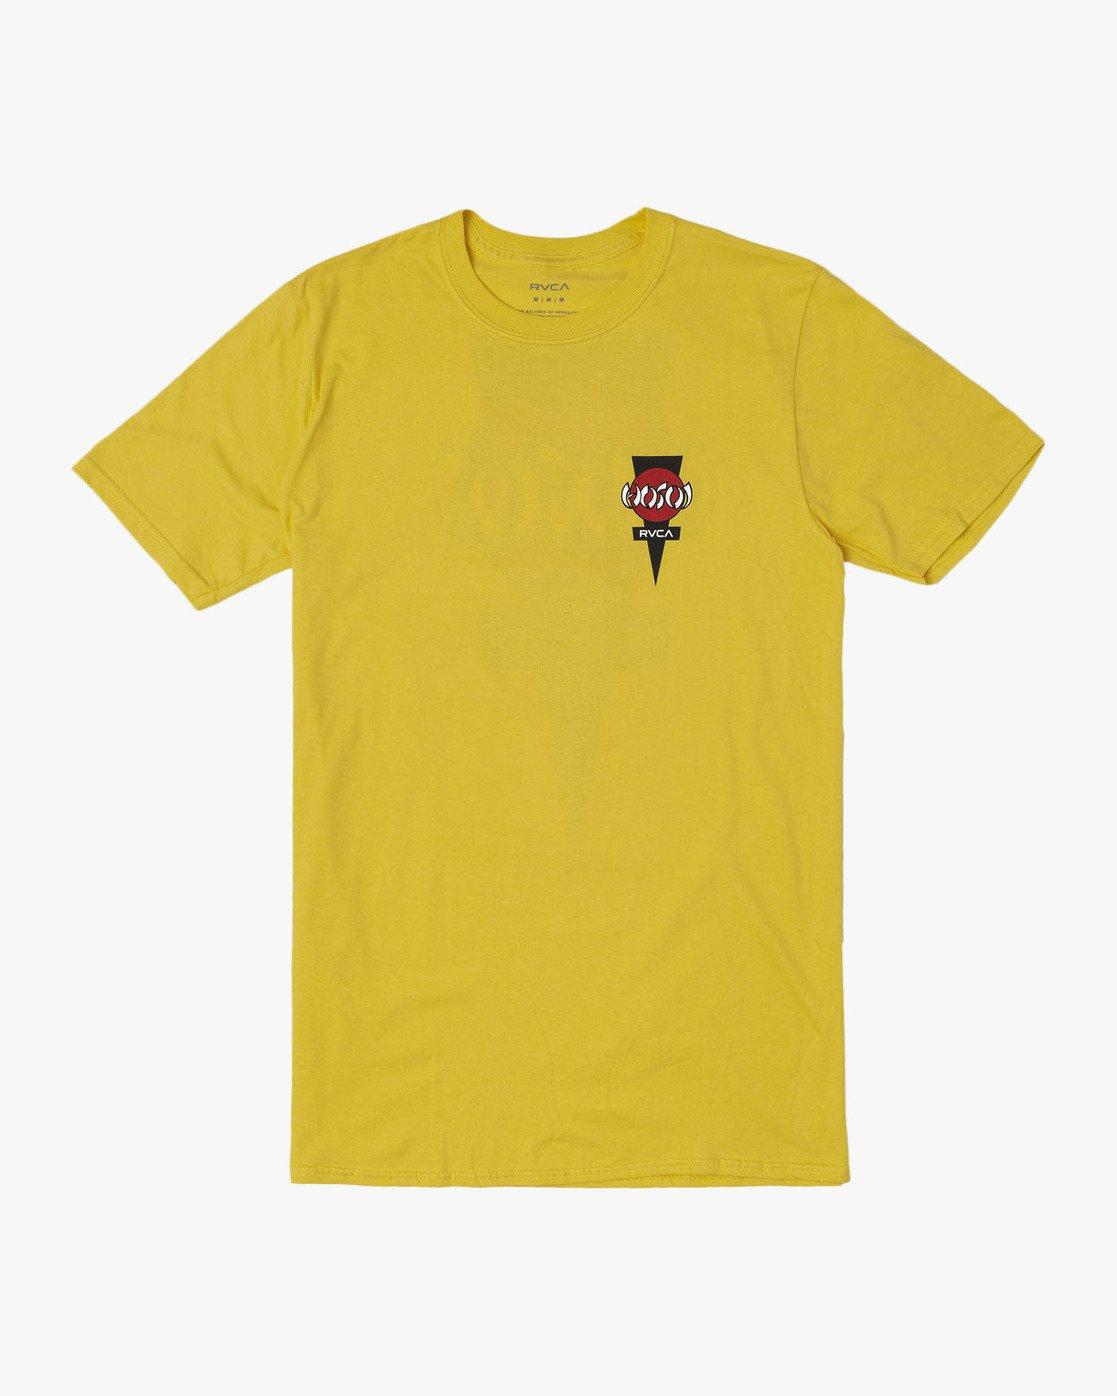 0 RVCA HOSOI SS Yellow M419WRYH RVCA